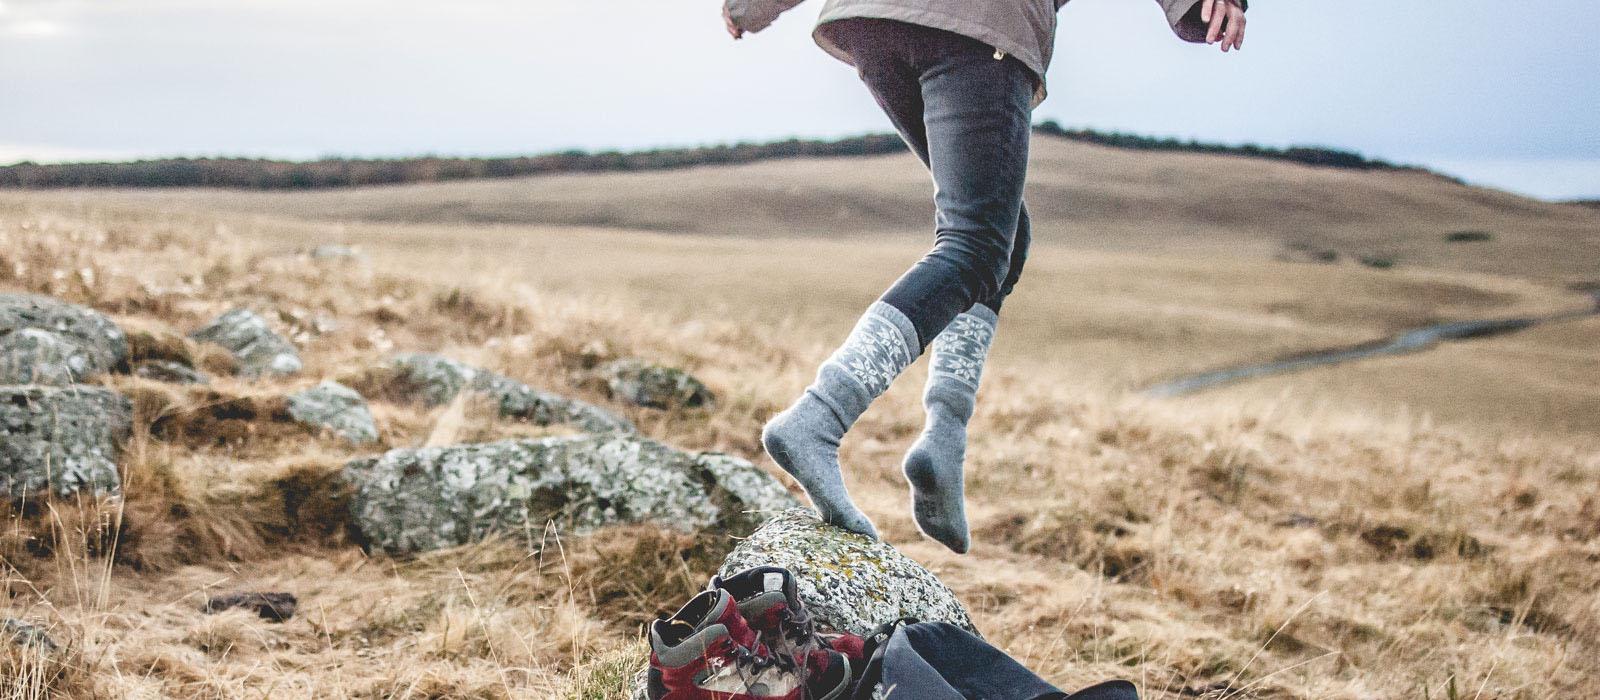 Chaussettes taillées pour l'aventure